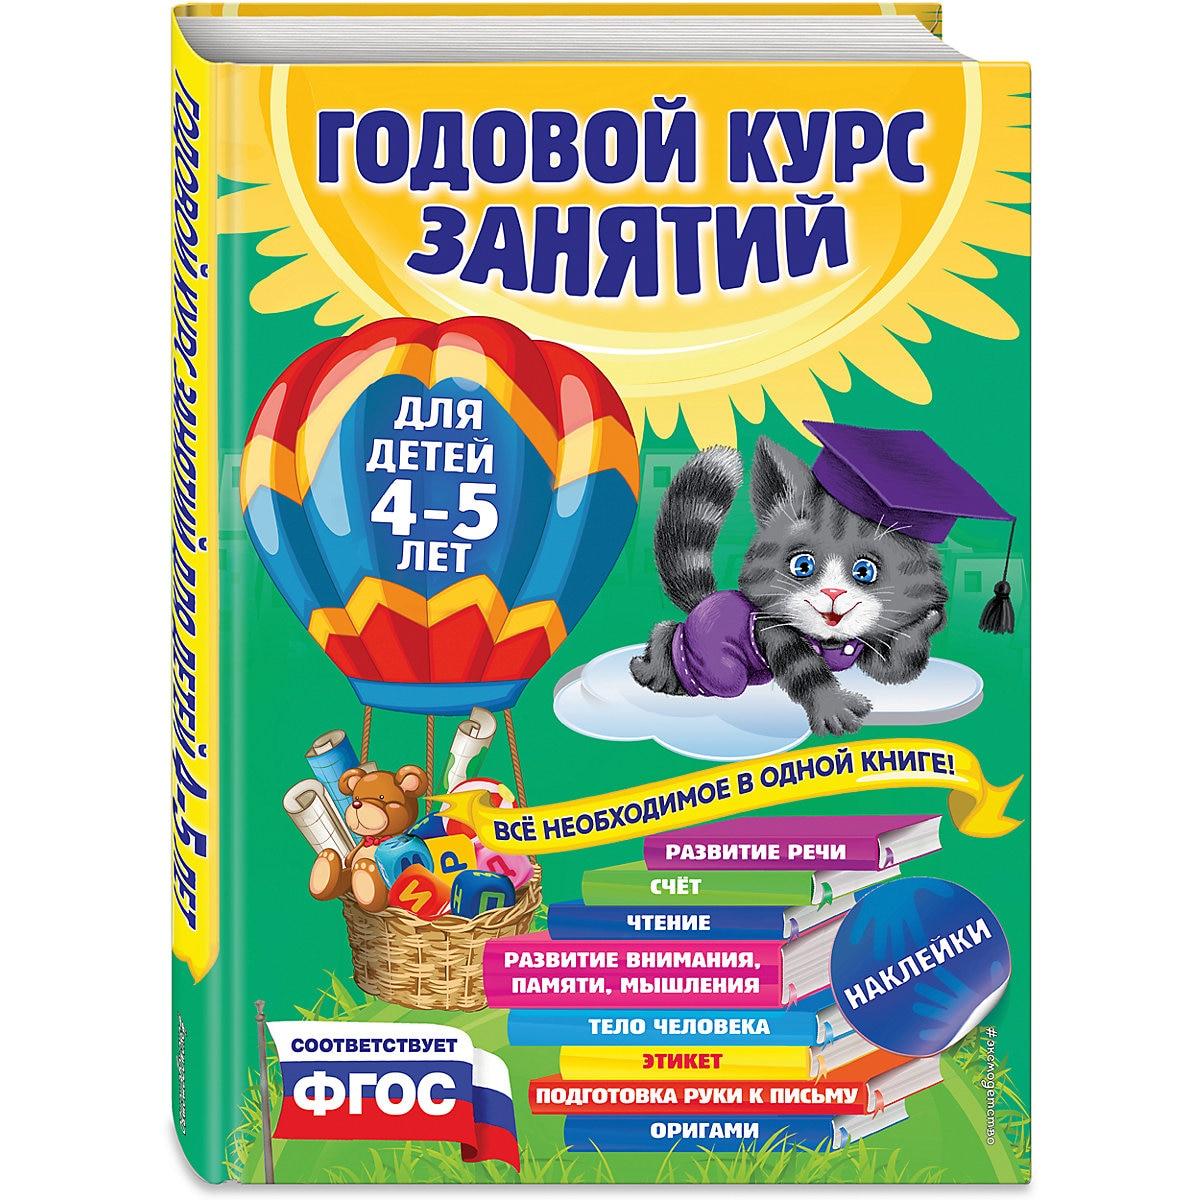 Libri EKSMO 4355898 bambini istruzione enciclopedia alfabeto dizionario libro per il bambino MTpromo